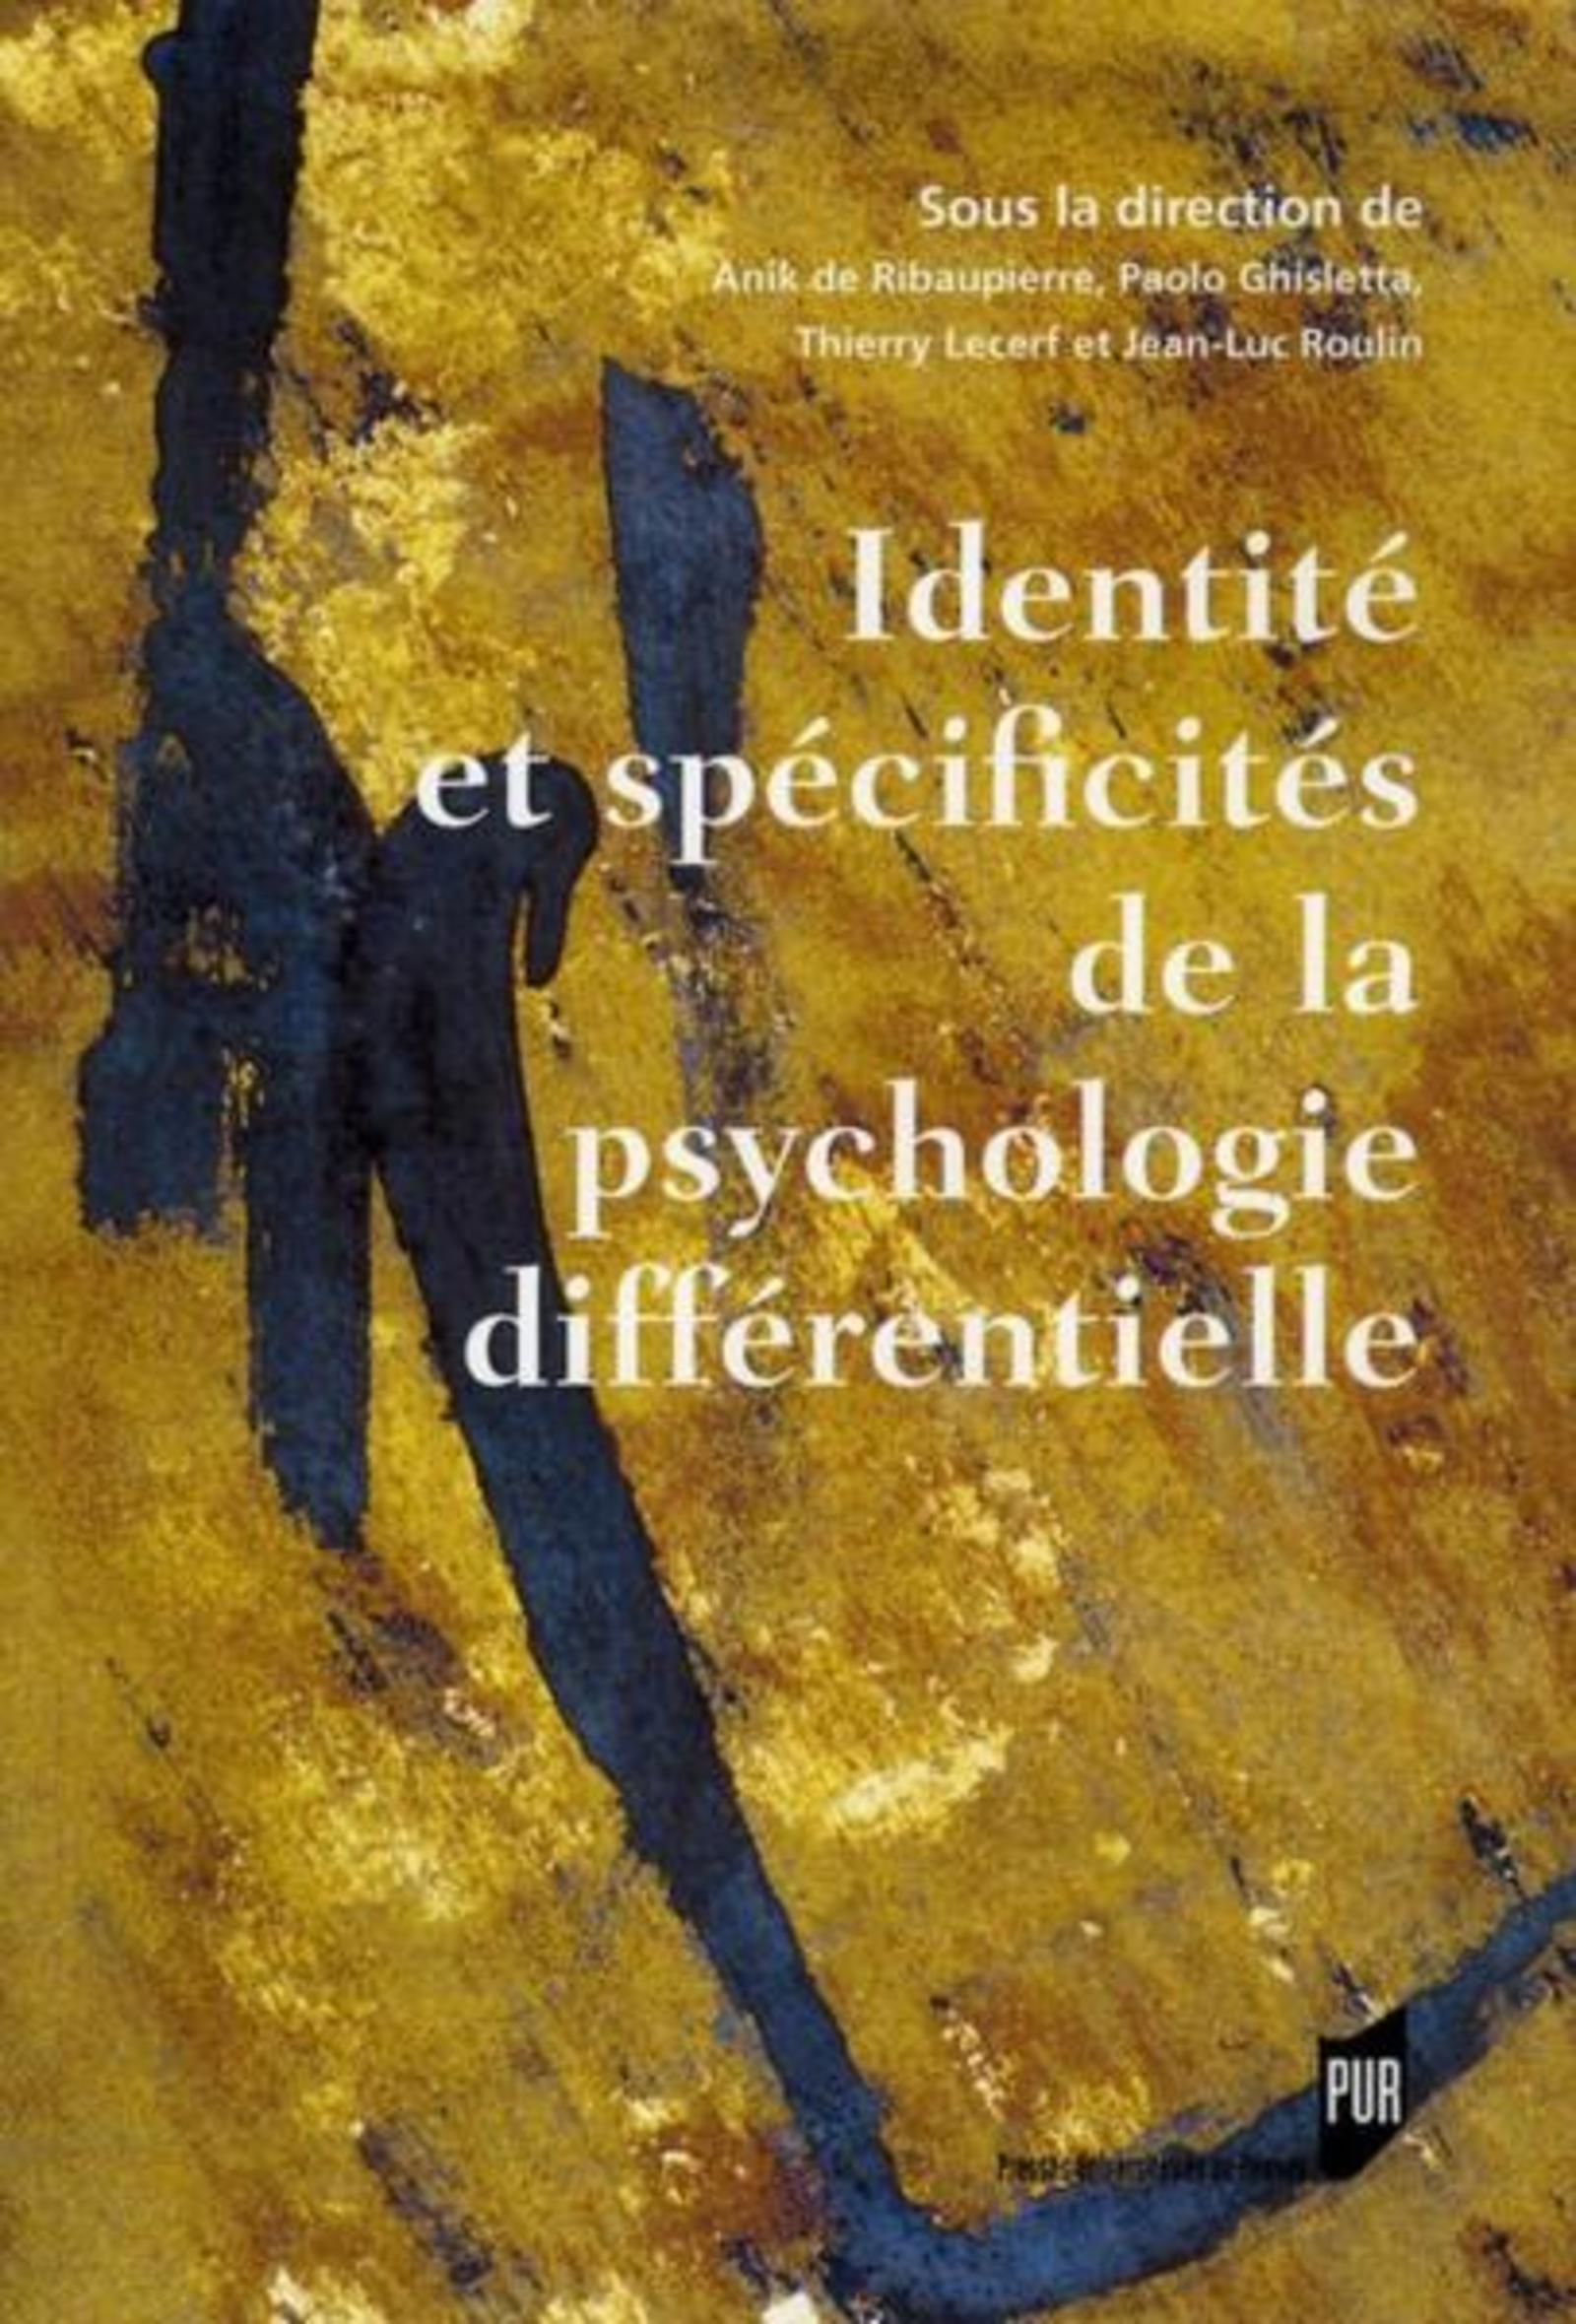 IDENTITE ET SPECIFICITES DE LA PSYCHOLOGIE DIFFERENTIELLE